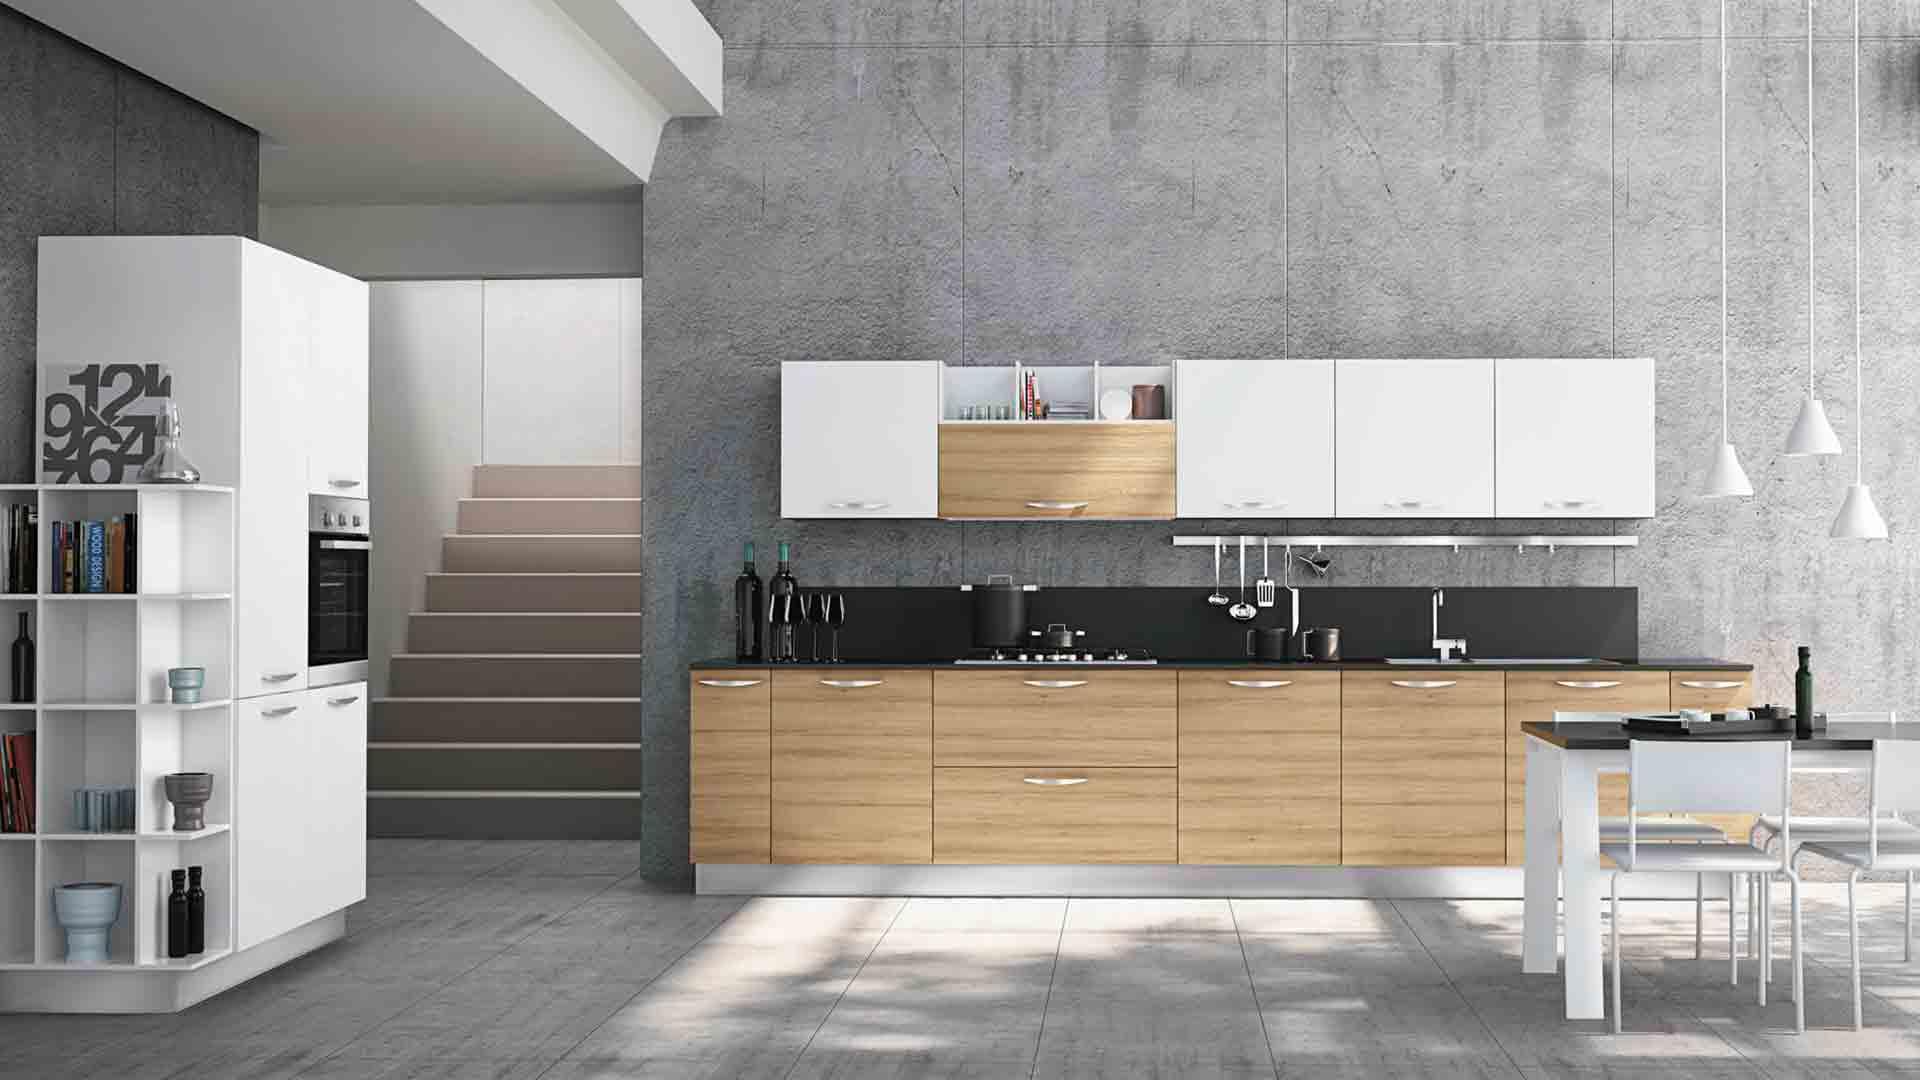 Britt - Cucine Moderne - Creo Kitchens